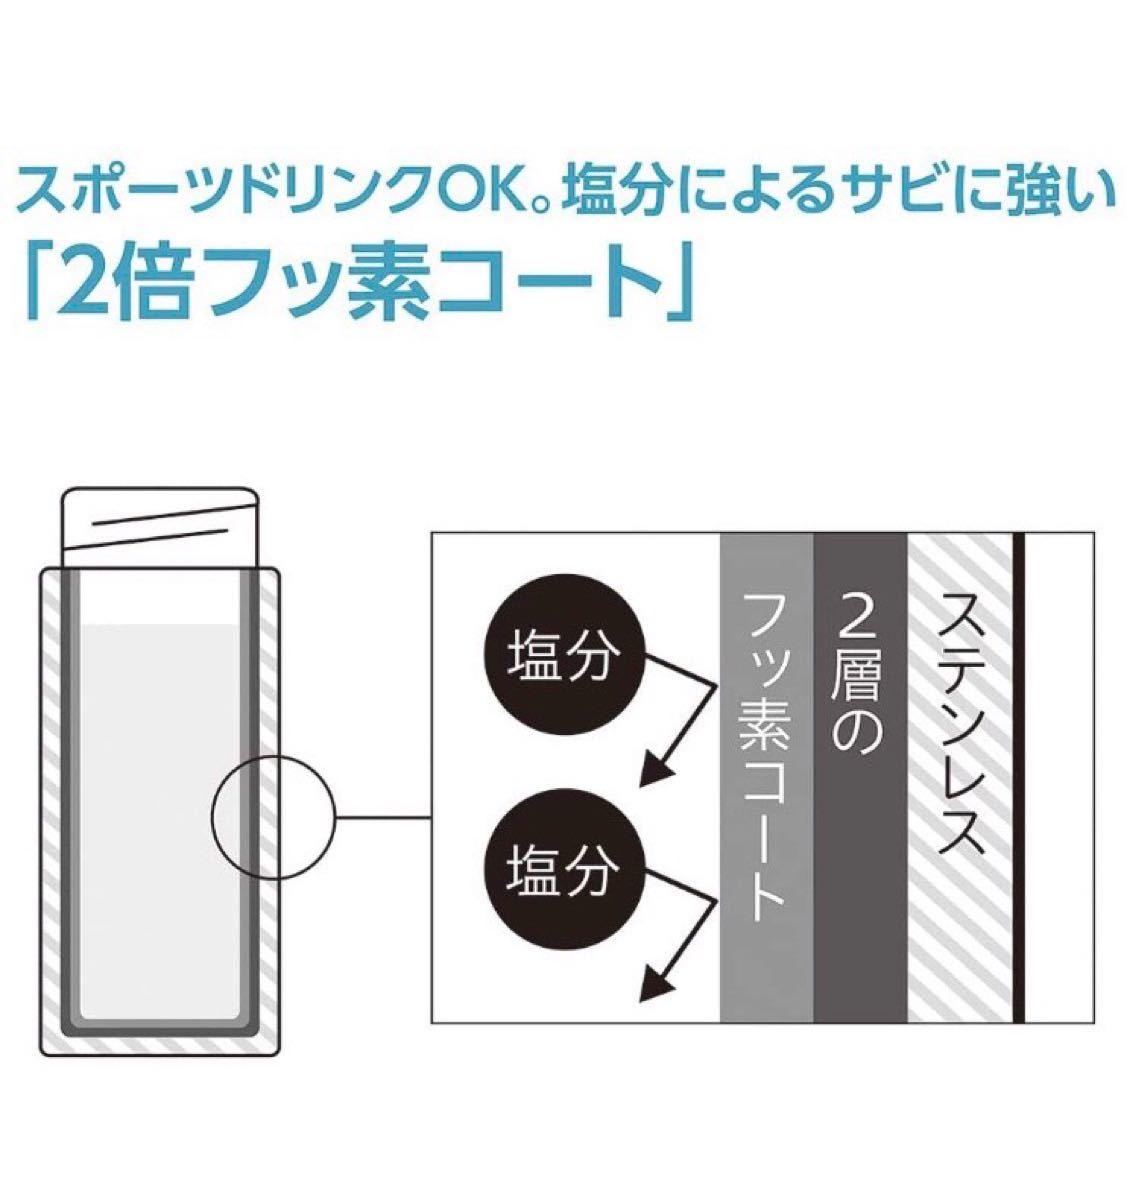 ZOJIRUSHI 象印 水筒 ステンレスマグ 360ml ピンク